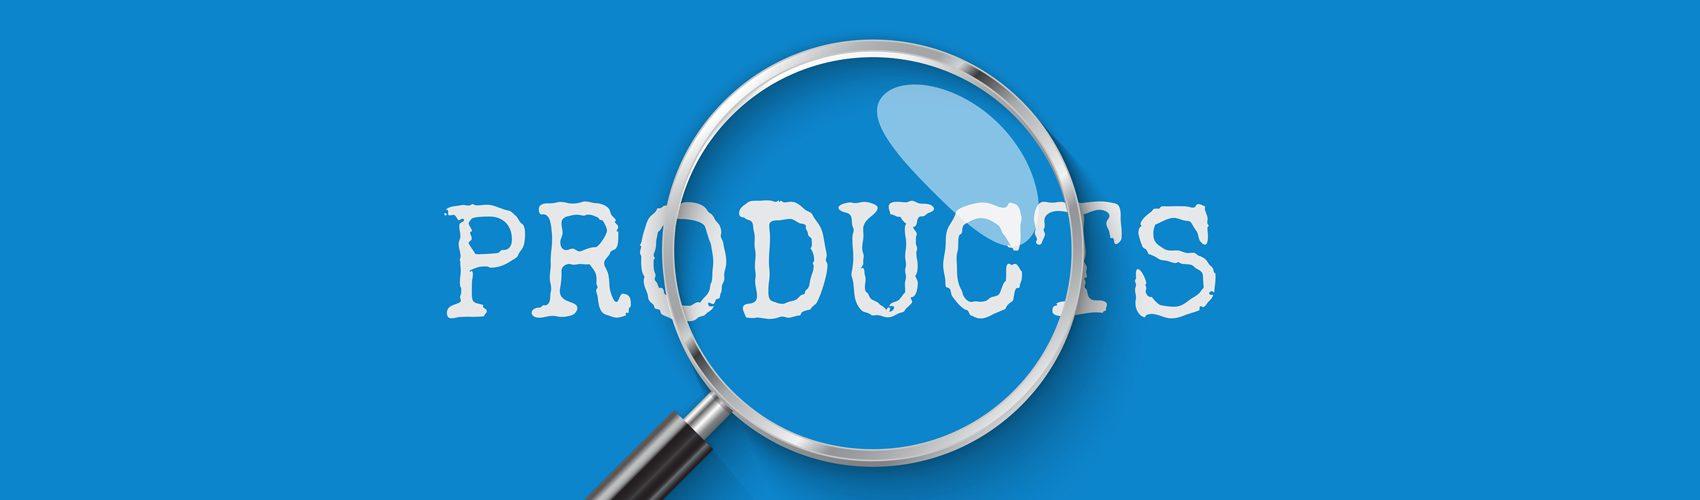 Produkte suchen